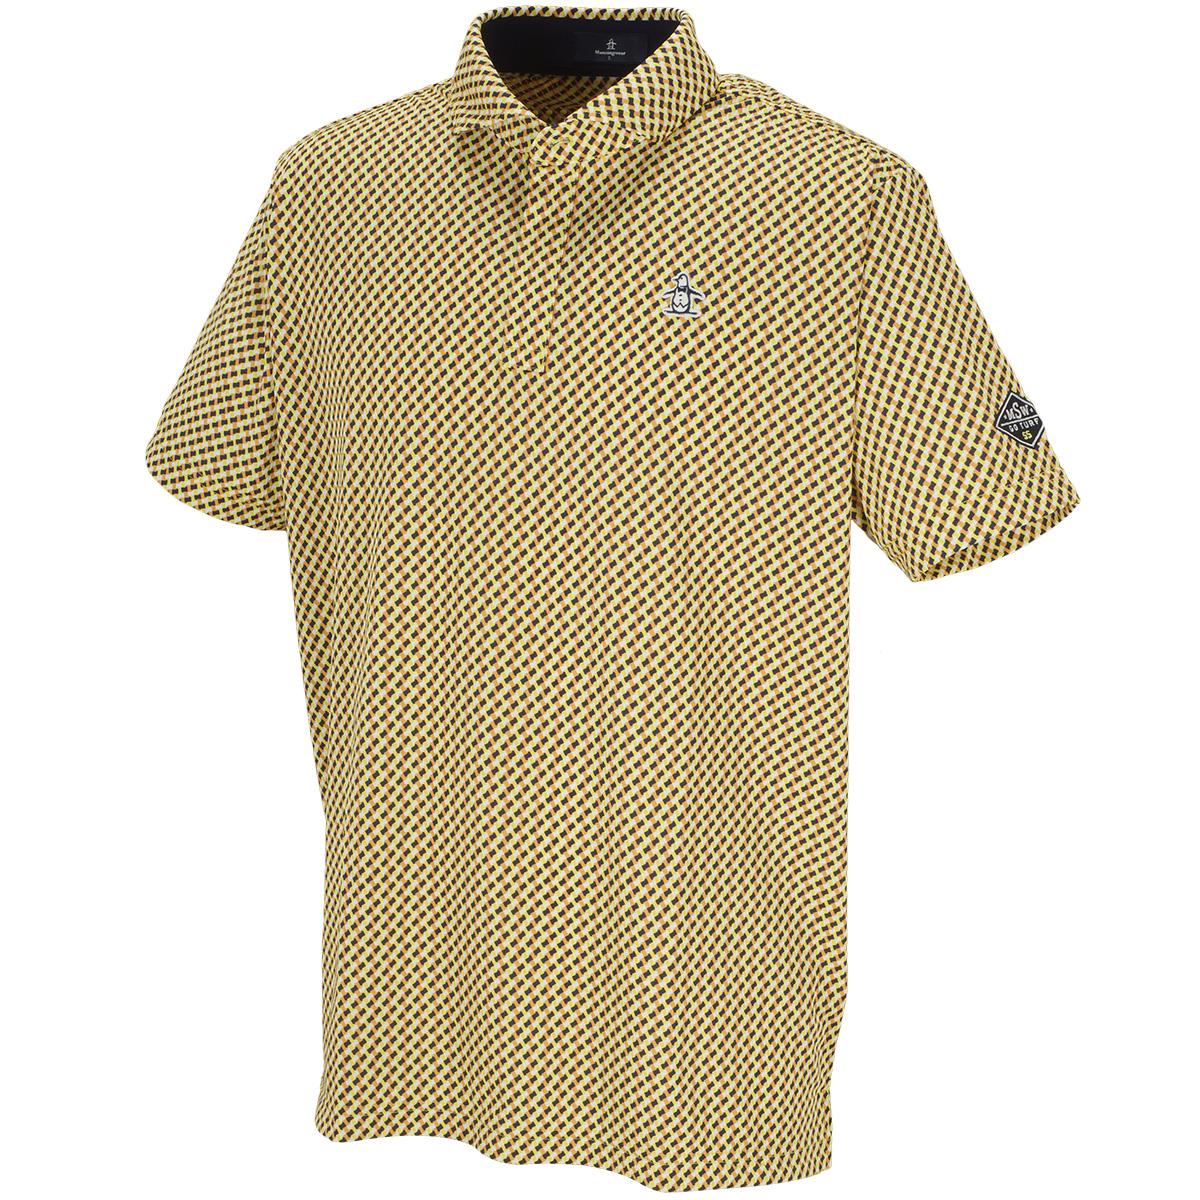 COOLIST小柄プリント半袖ポロシャツ